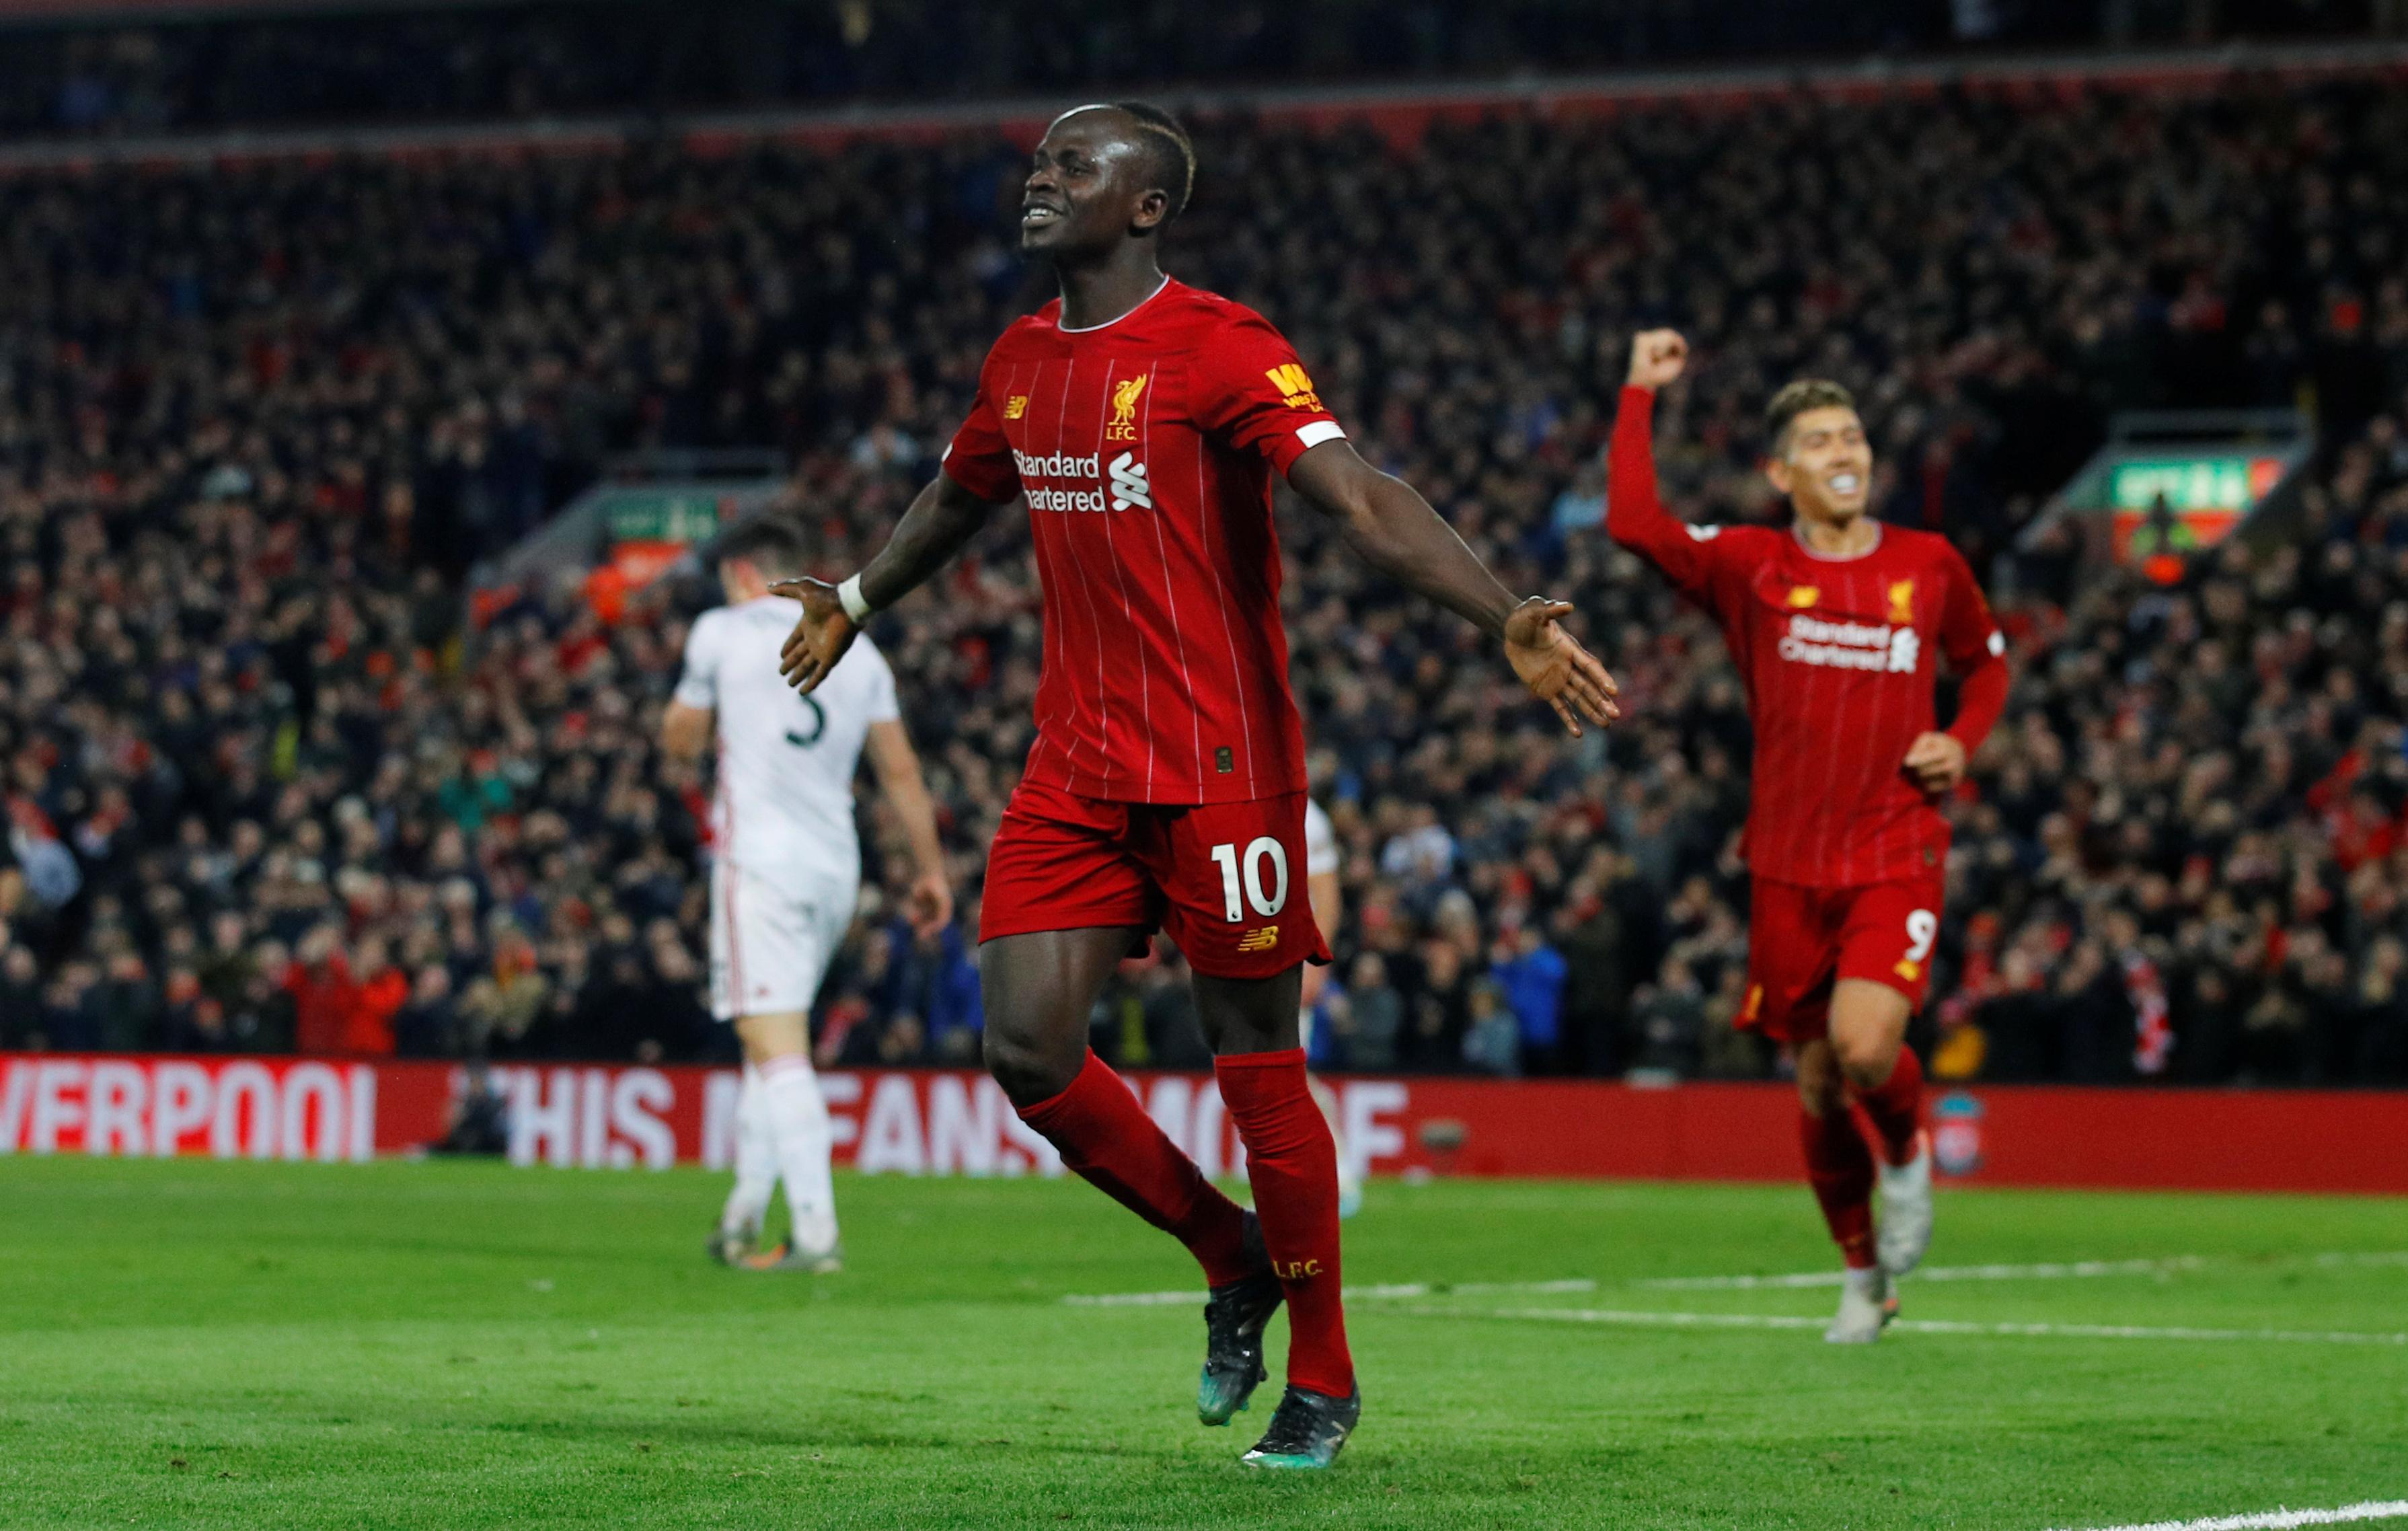 Sadio Mané, senegalés de 27 años, Liverpool - USD 173,4